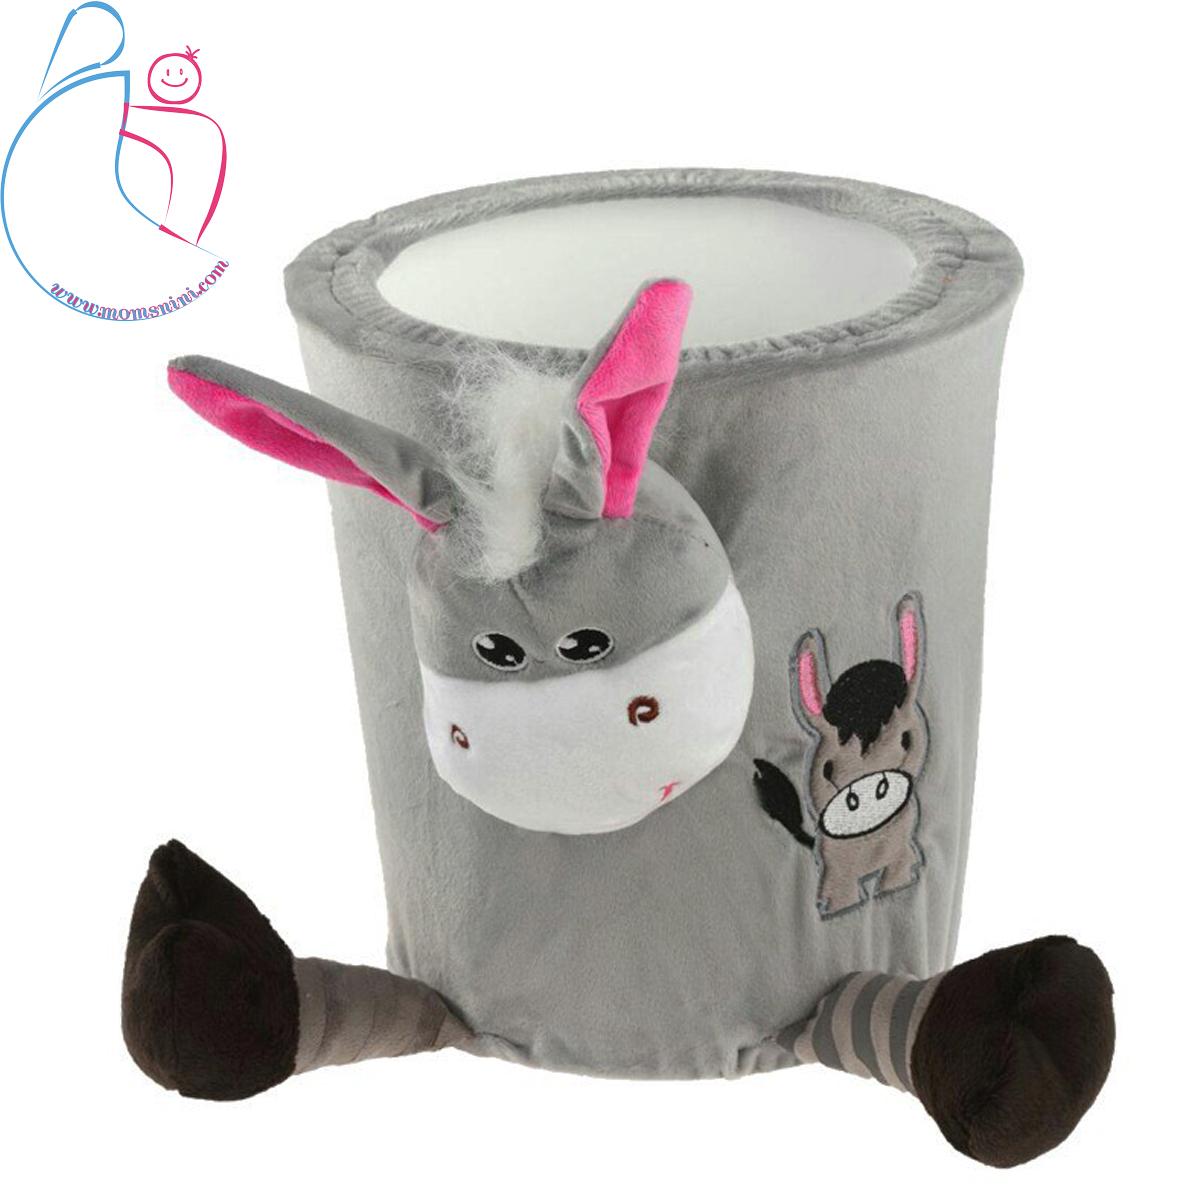 سطل زباله اتاق کودک مدل الاغ